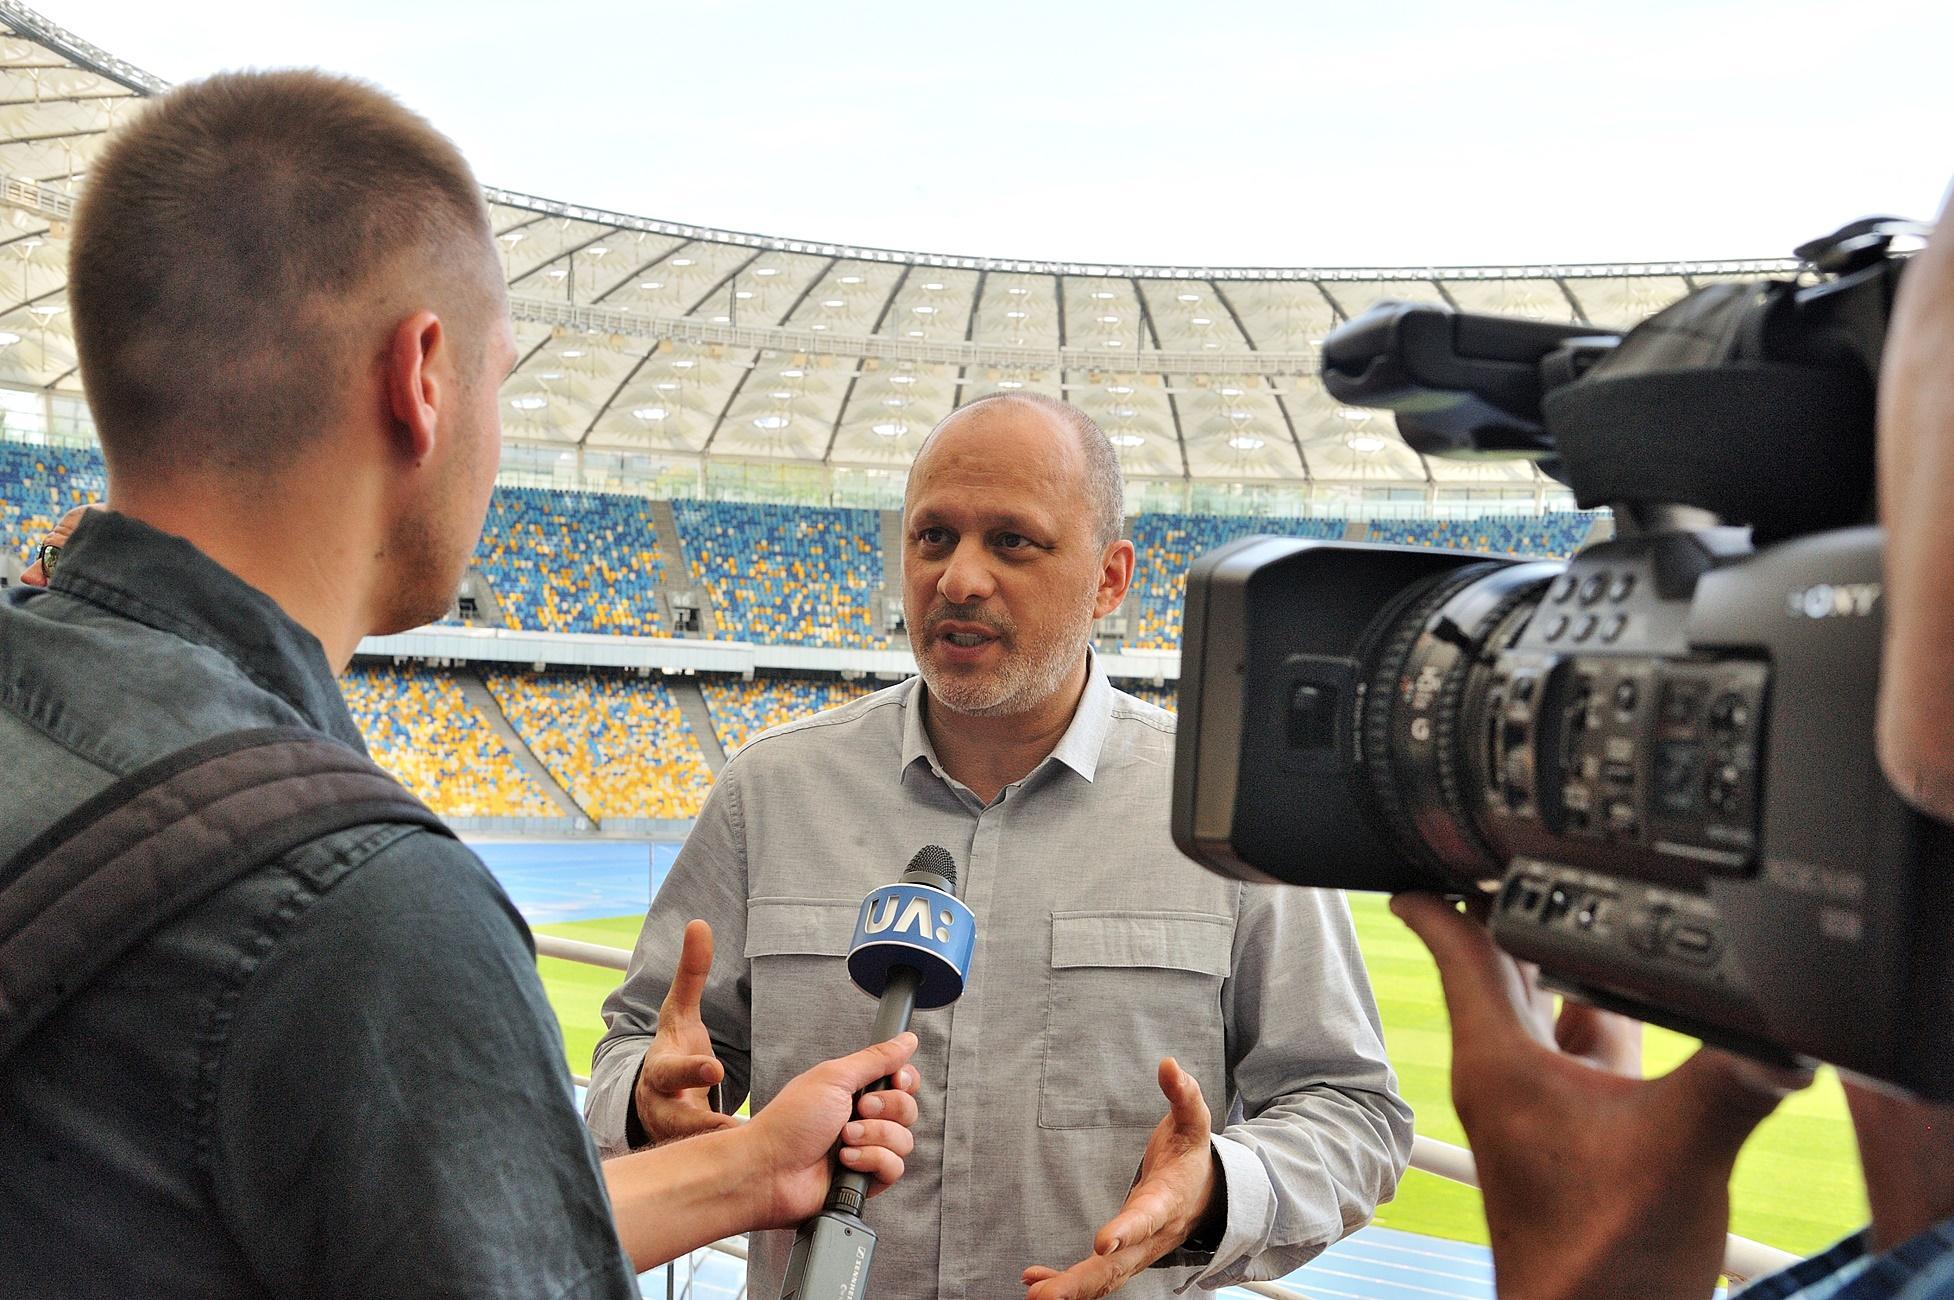 У Украины нет $3 млн на трансляцию Олимпиады. Наших болельщиков будут травить российской пропагандой